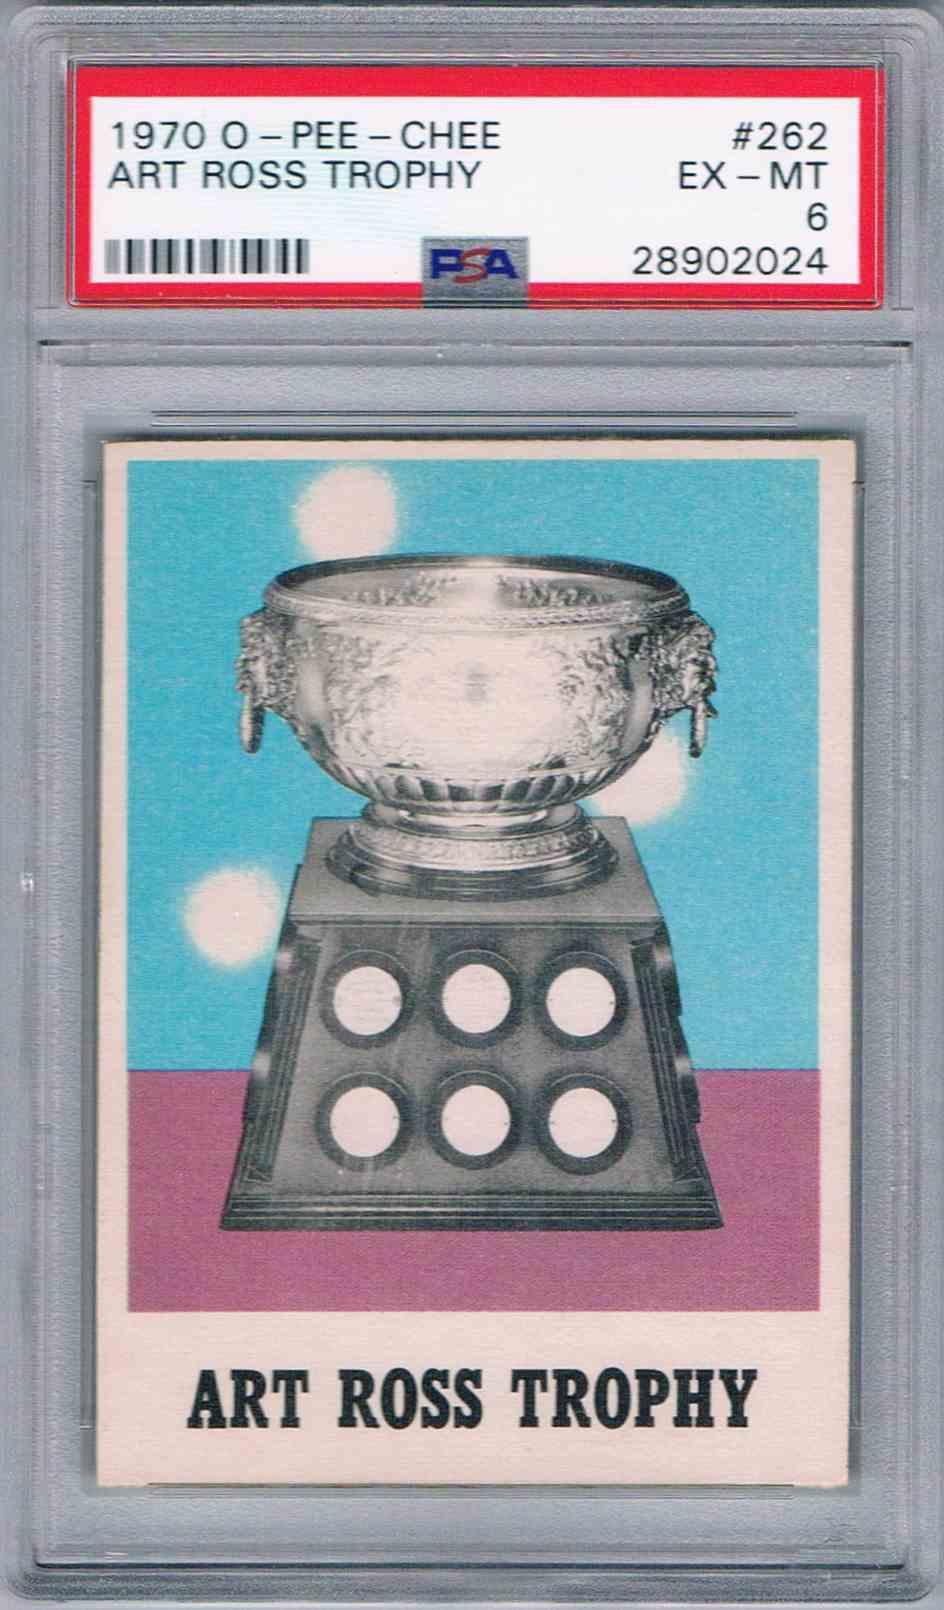 1970-71 O-Pee-Chee OPC Art Ross Trophy #262 on Kronozio